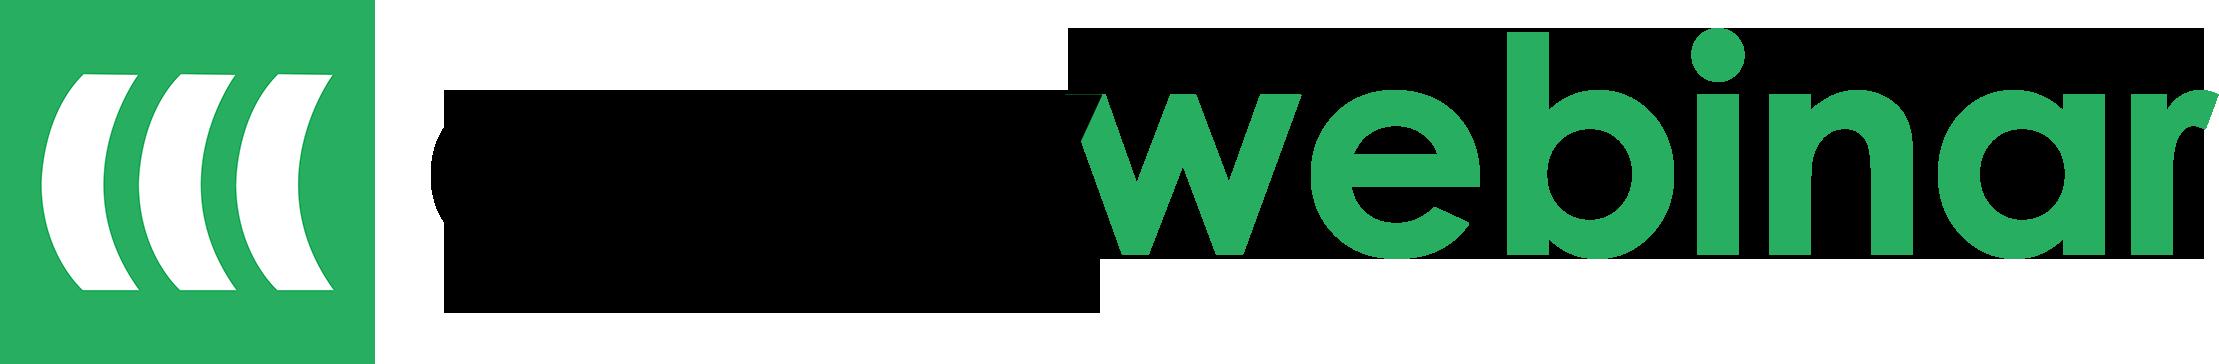 easywebinar-logo-offer